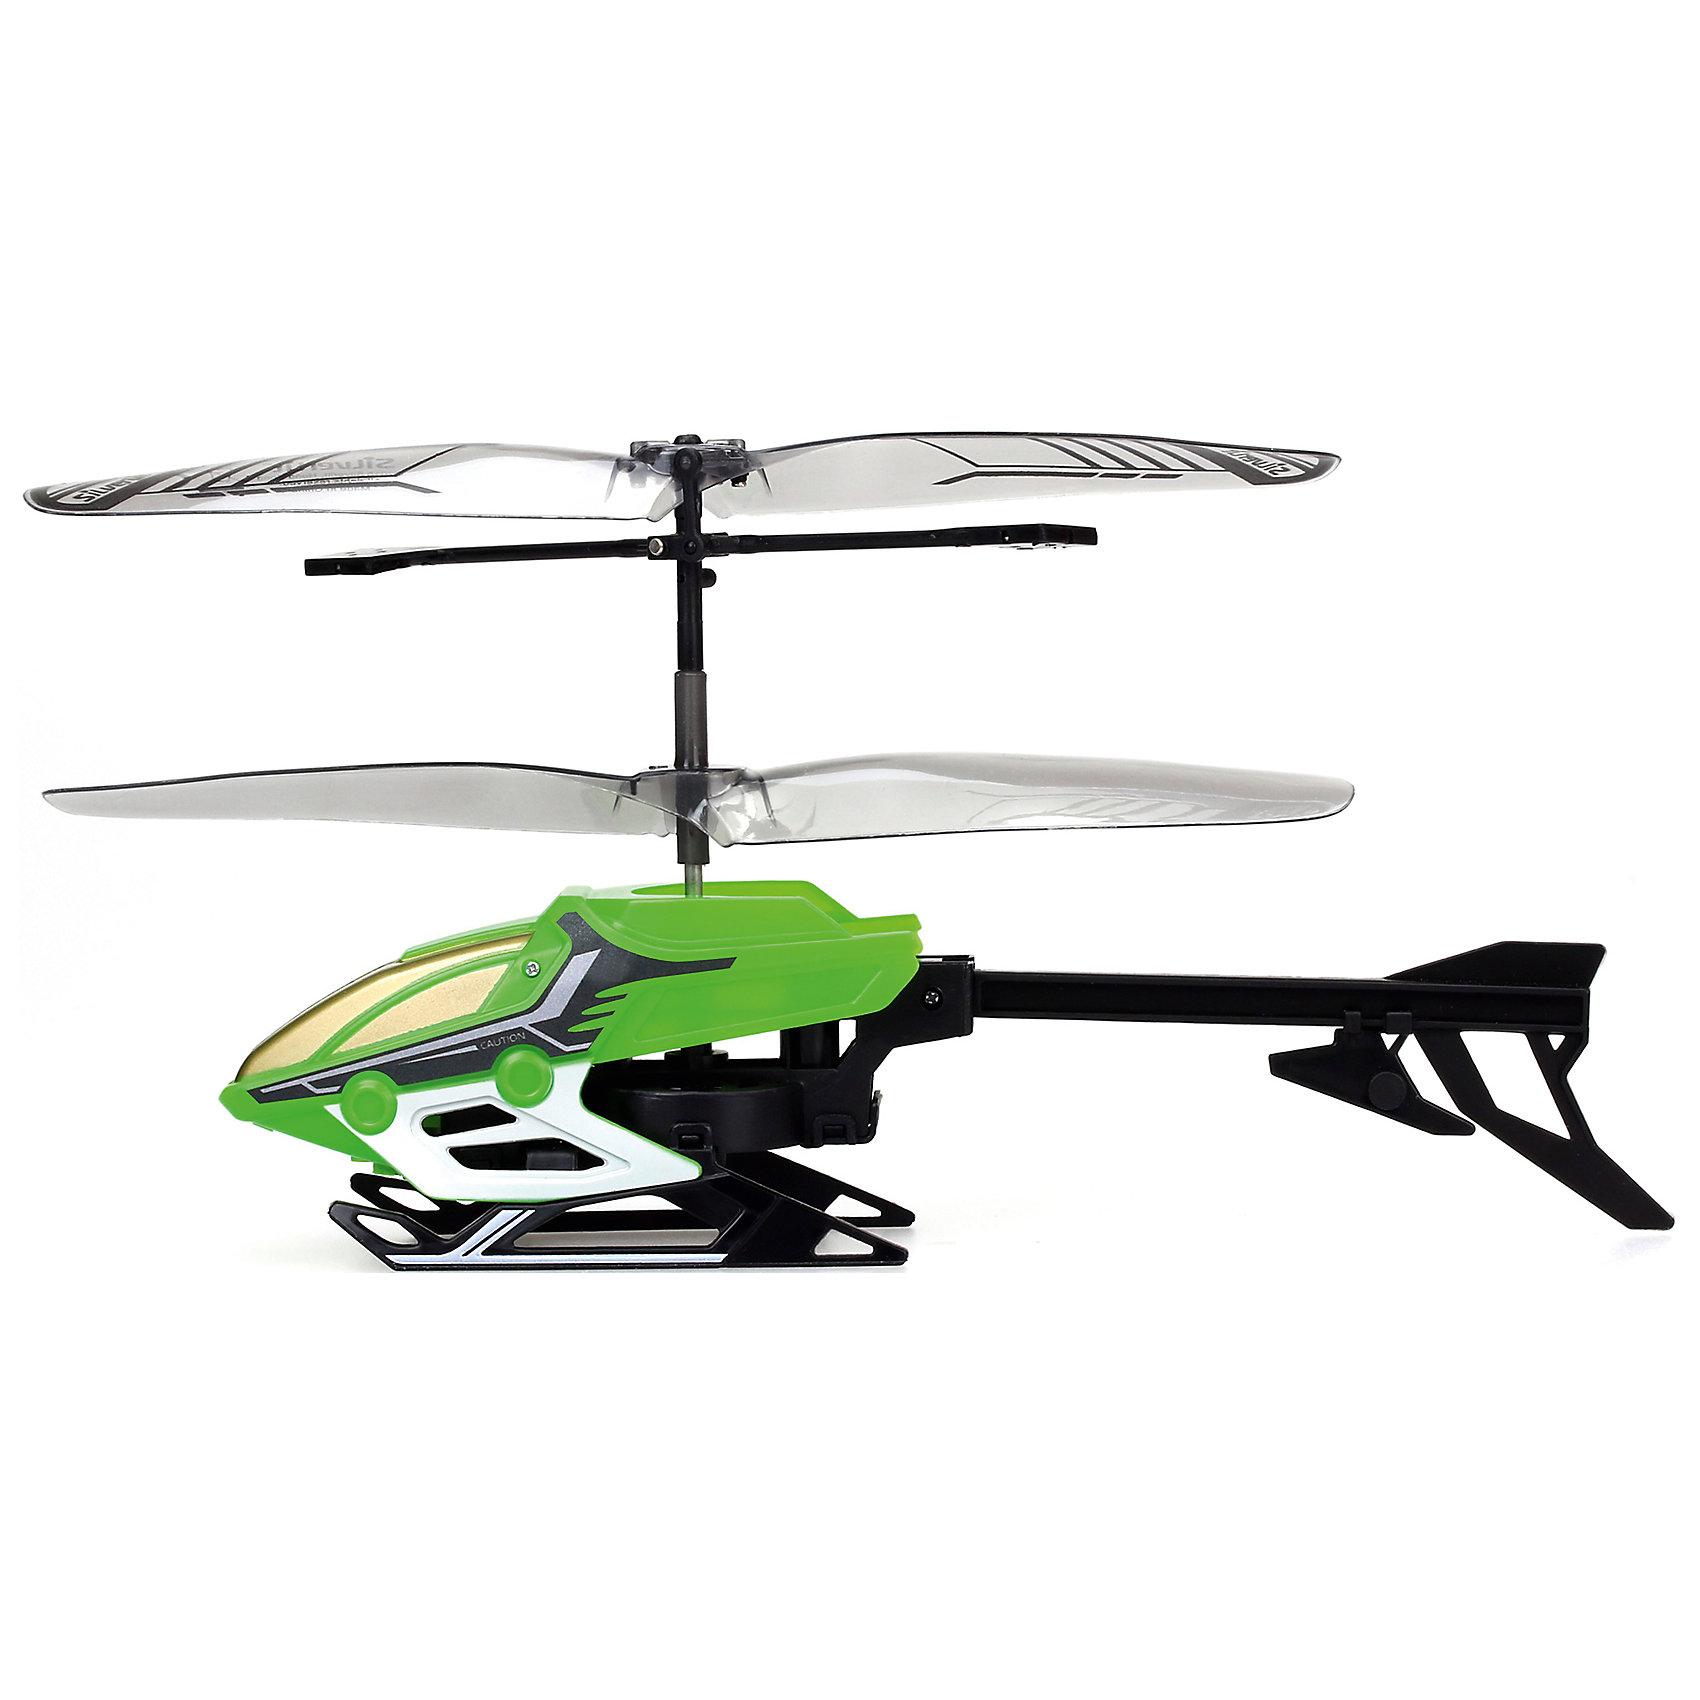 Вертолет 2-х канальный Alpha Y, SilverlitВертолет 2-х канальный Alpha Y, Silverlit.<br><br>Характеристики:<br><br>- Комплектация: вертолет, пульт управления, аккумулятор<br>- Батарейки: 4 х АА / LR6 1.5V<br>- Длина вертолет: 16 см.<br>- Материал: пластик, металл<br>- Количество каналов: 2<br>- Время зарядки аккумулятора: 25-40 минут<br>- Упаковка: картонная коробка блистерного типа<br><br>Радиоуправляемый вертолёт Alpha Y от торговой марки Silverlit выглядит очень реалистично и управляется при помощи двухканального радио-пульта. Он имеет 2 режима управления: обычный и режим «простое управление». Система сглаживания резкого нажатия на рычаг газа позволяет вертолету летать медленно и стабильно. Вертолет работает от аккумулятора, его можно использовать как на улице, так и в закрытых помещениях. Игрушка способствует развитию моторики и логики, учит координации в пространстве, тренирует реакцию и сообразительность. Продукция сертифицирована, экологически безопасна для ребенка, использованные красители не токсичны и гипоаллергенны.<br><br>Вертолет 2-х канальный Alpha Y, Silverlit можно купить в нашем интернет-магазине.<br><br>Ширина мм: 165<br>Глубина мм: 89<br>Высота мм: 279<br>Вес г: 366<br>Возраст от месяцев: 36<br>Возраст до месяцев: 2147483647<br>Пол: Унисекс<br>Возраст: Детский<br>SKU: 5059837